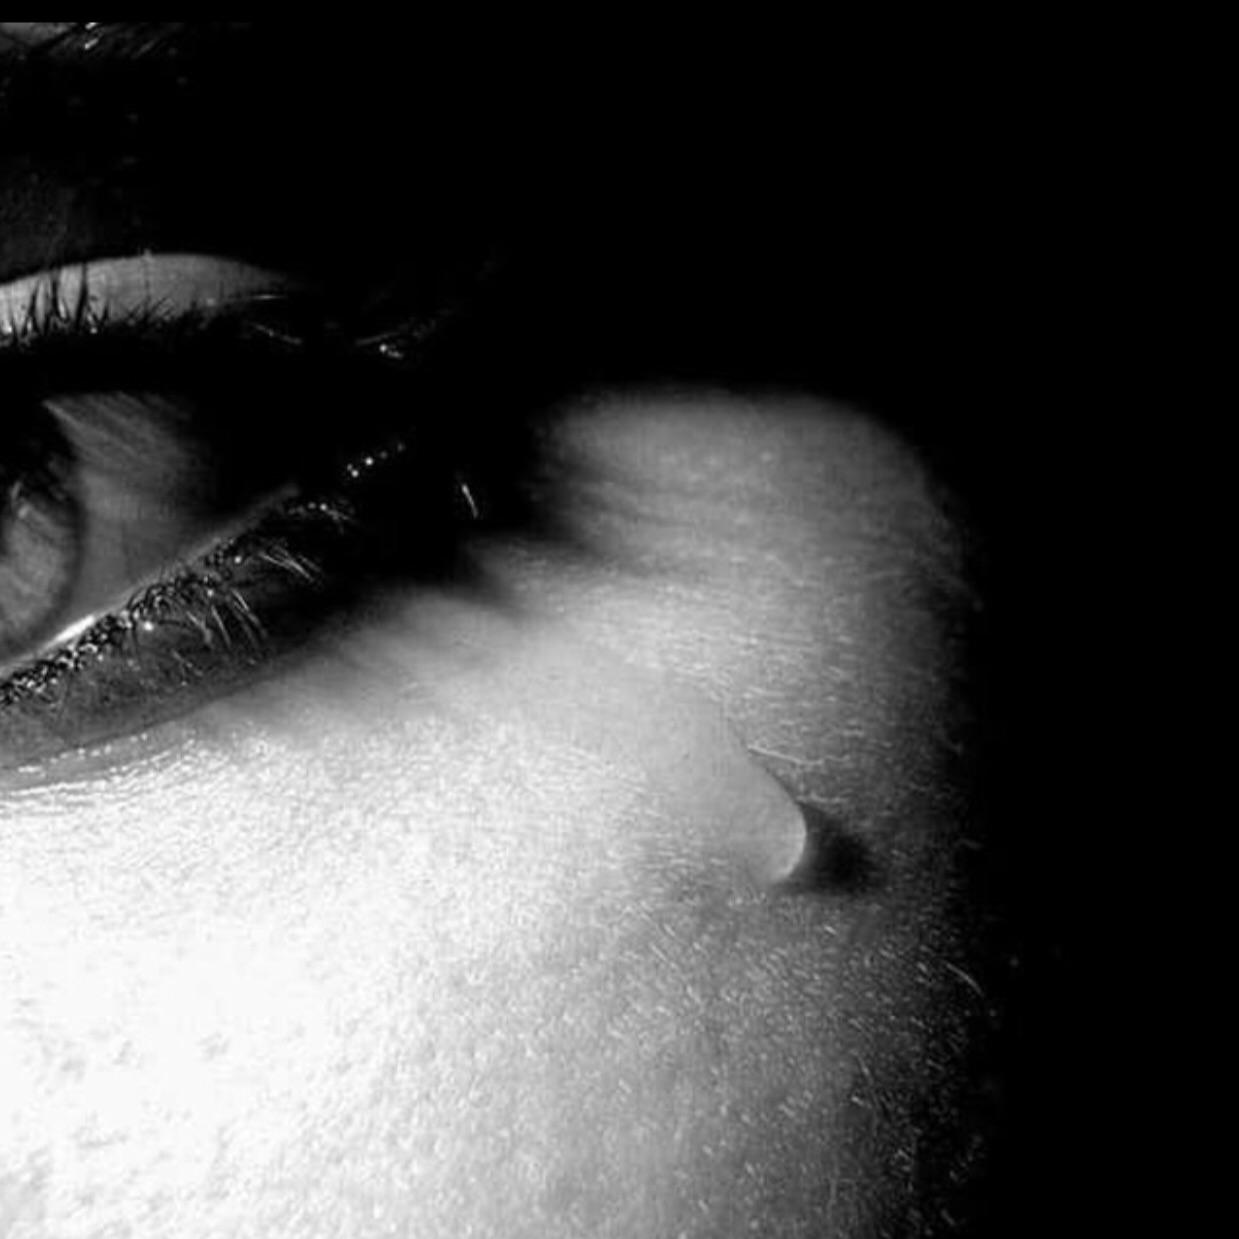 Наступающим открытки, грустные картинки девушек со слезами на глазах